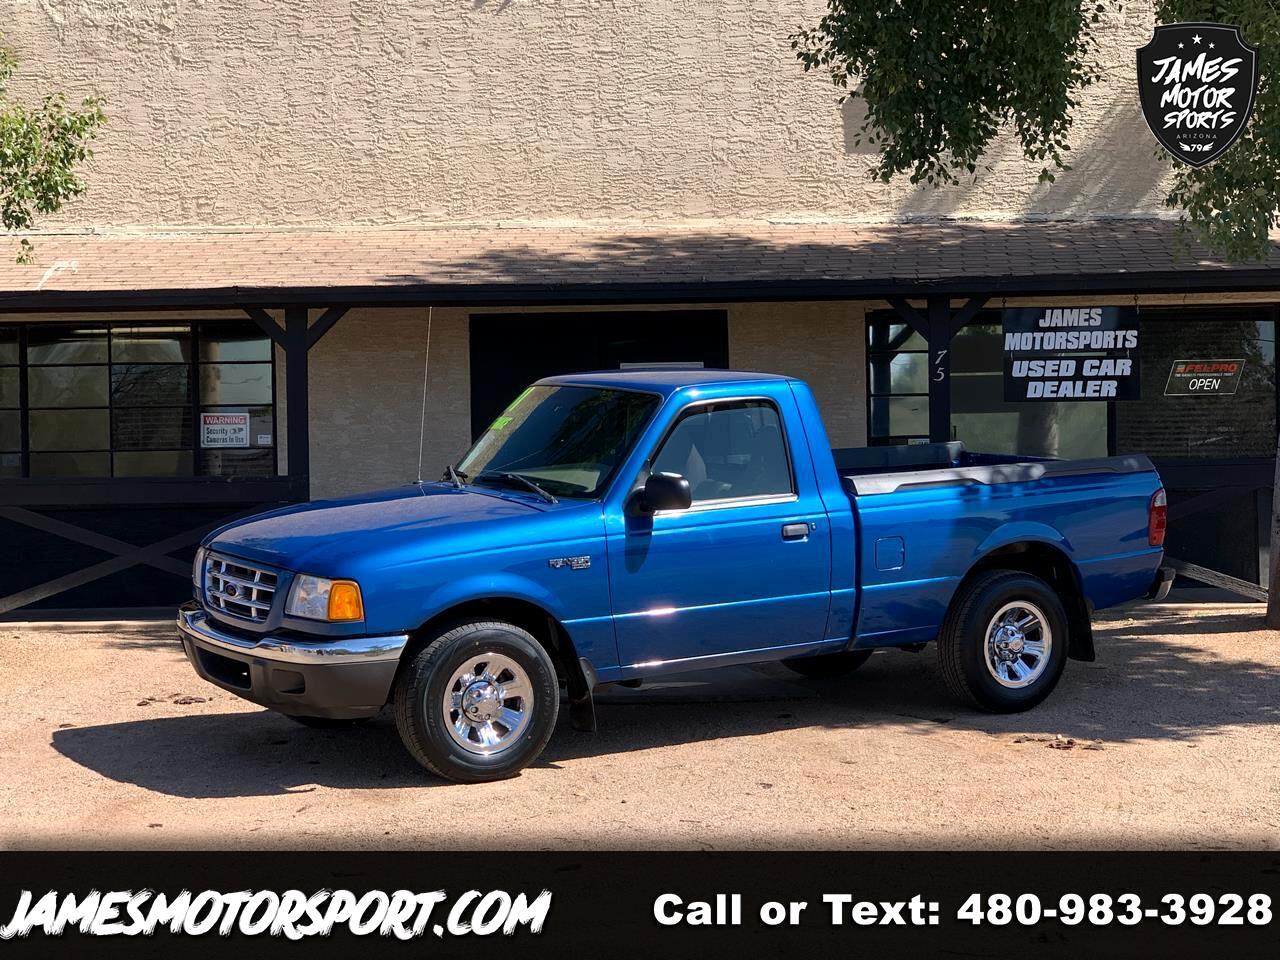 Ford Ranger XLT 2.3 2WD Flareside 2001